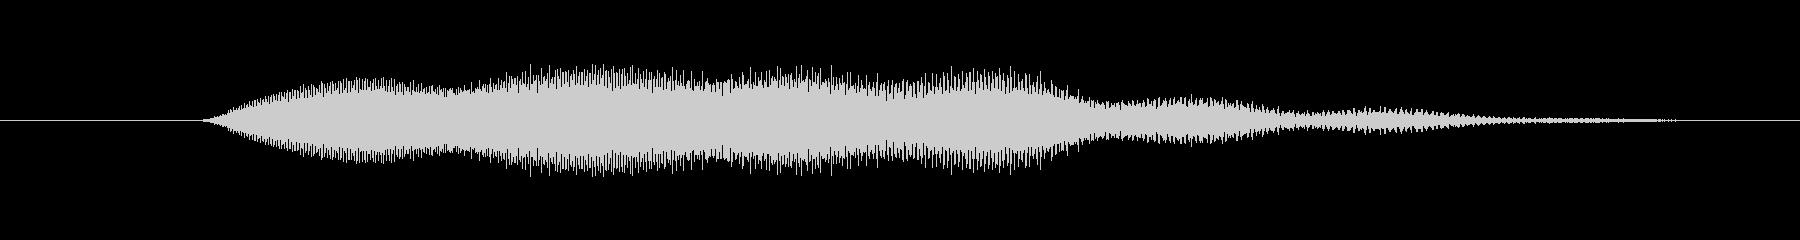 特撮 ホログラム表示12の未再生の波形